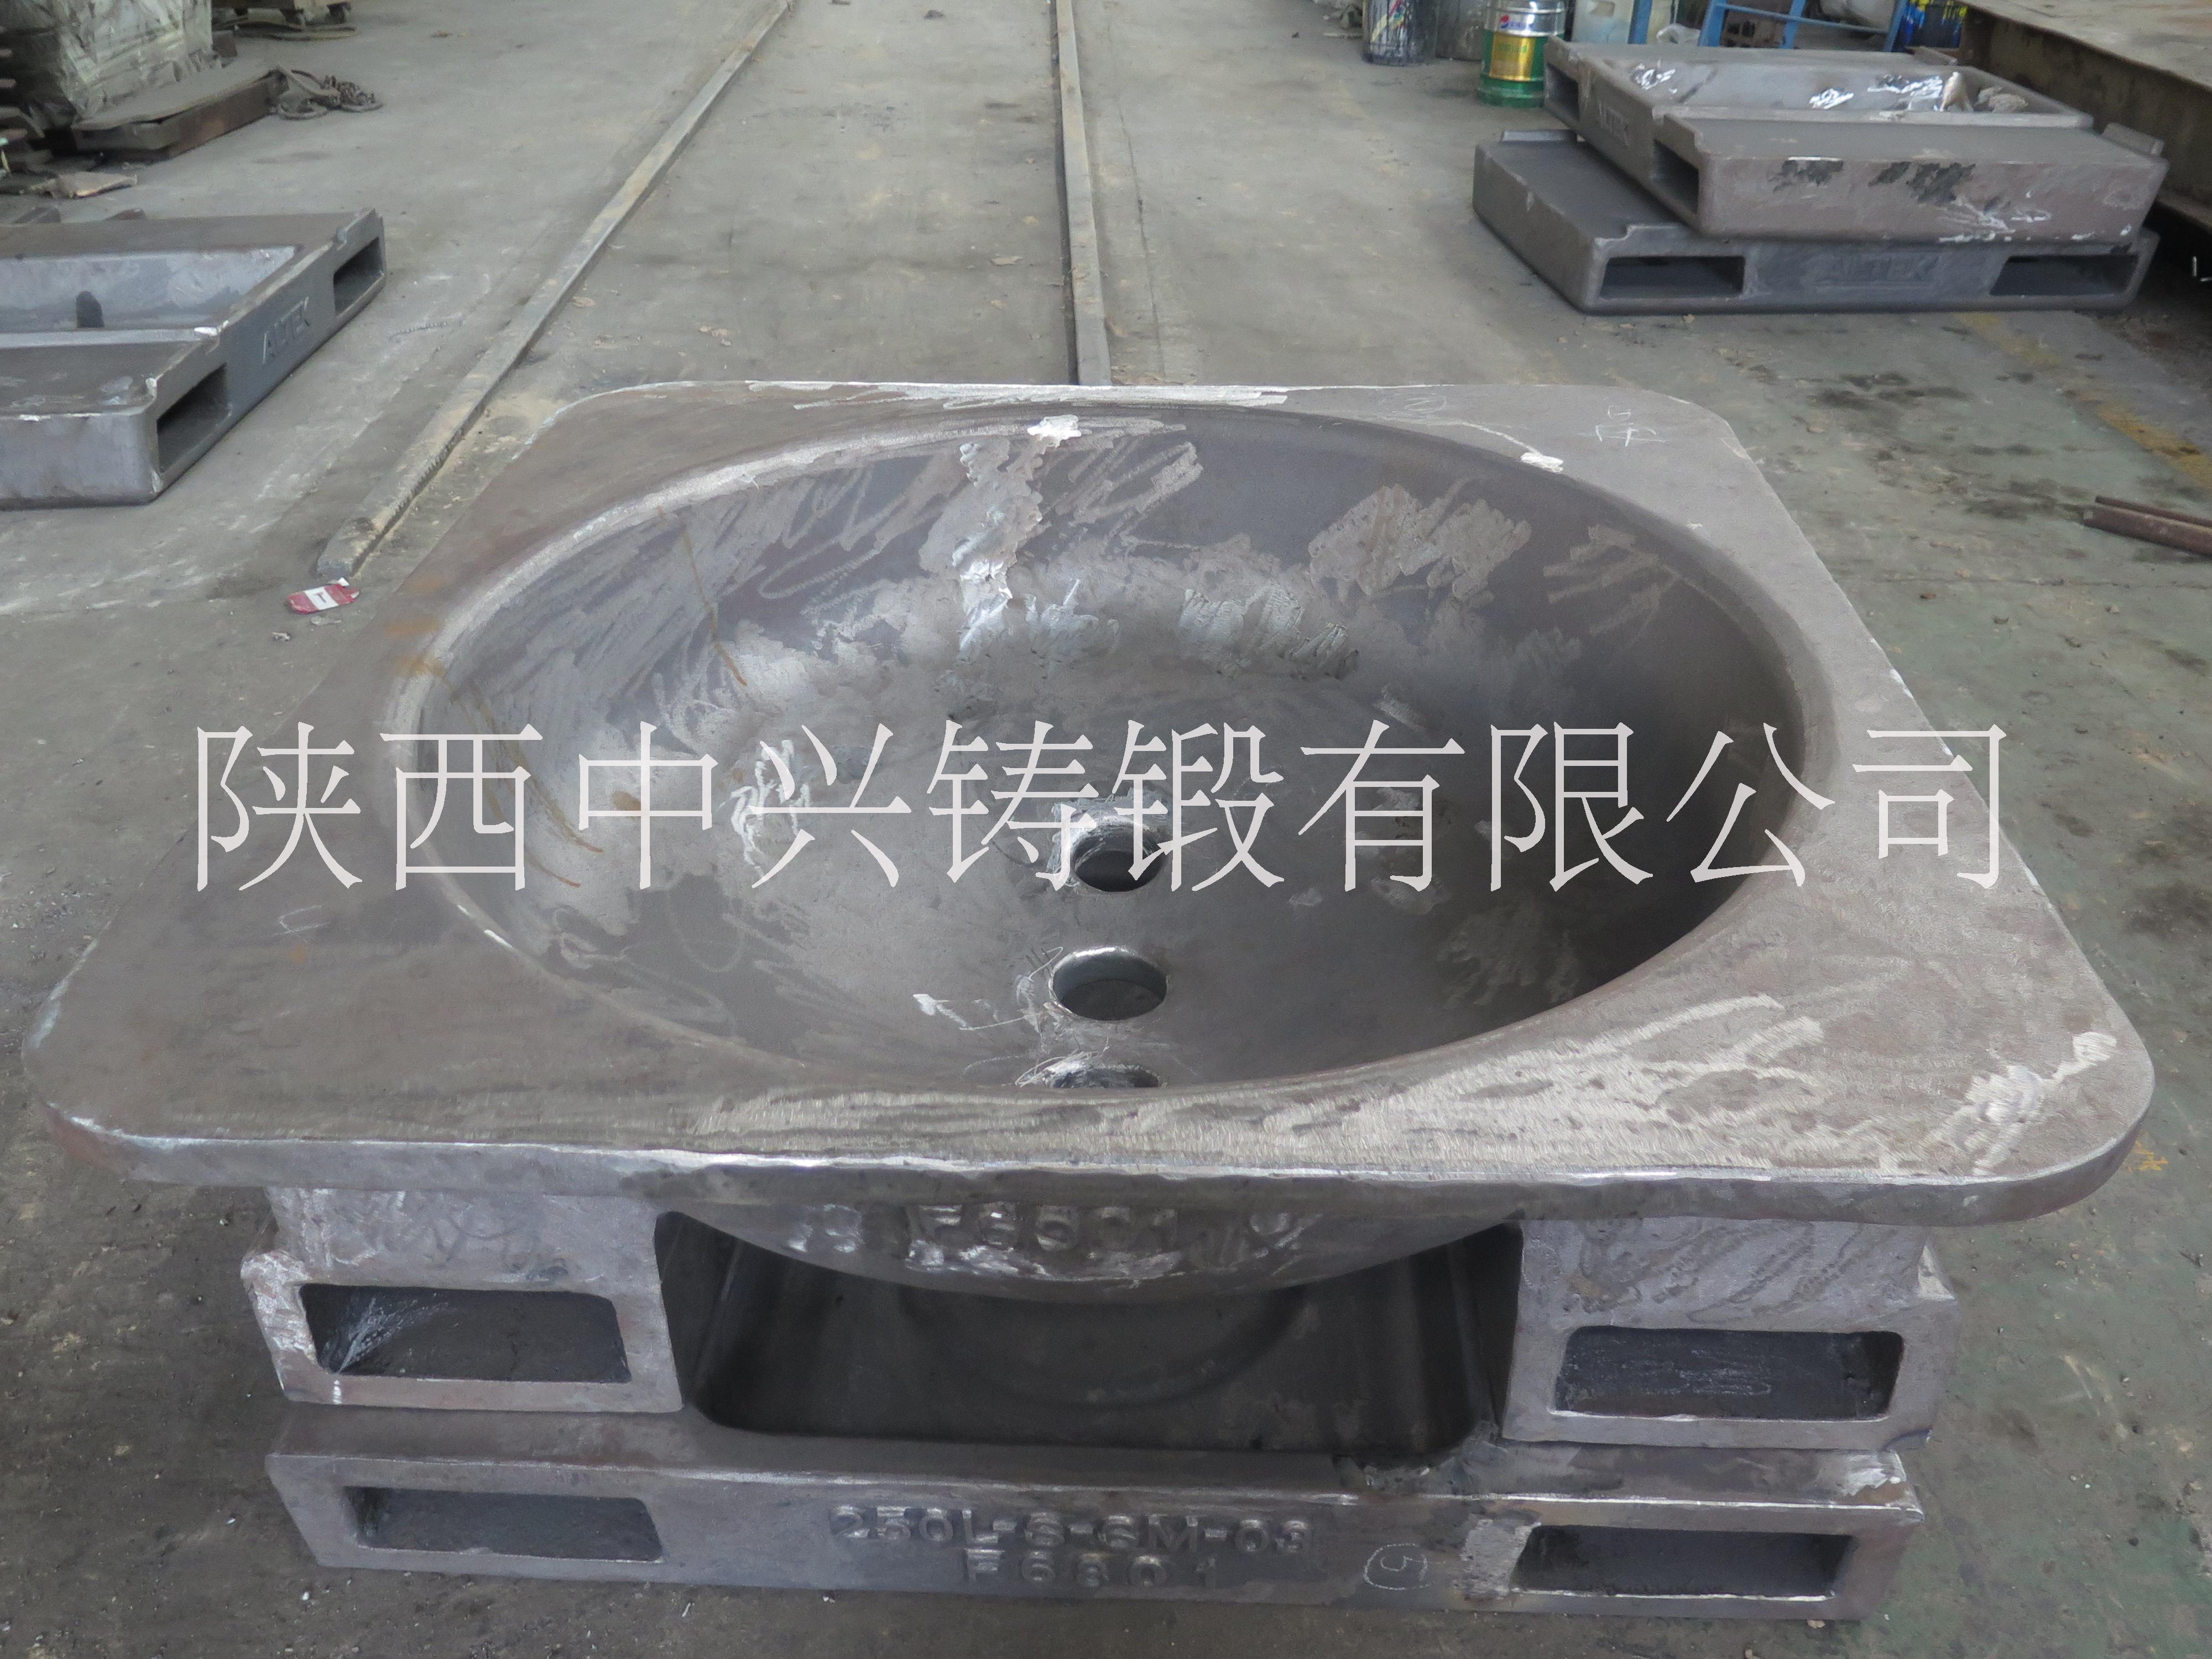 供应合金钢叉车孔圆渣罐 负压铸造渣罐  高质量合金钢渣盘出口